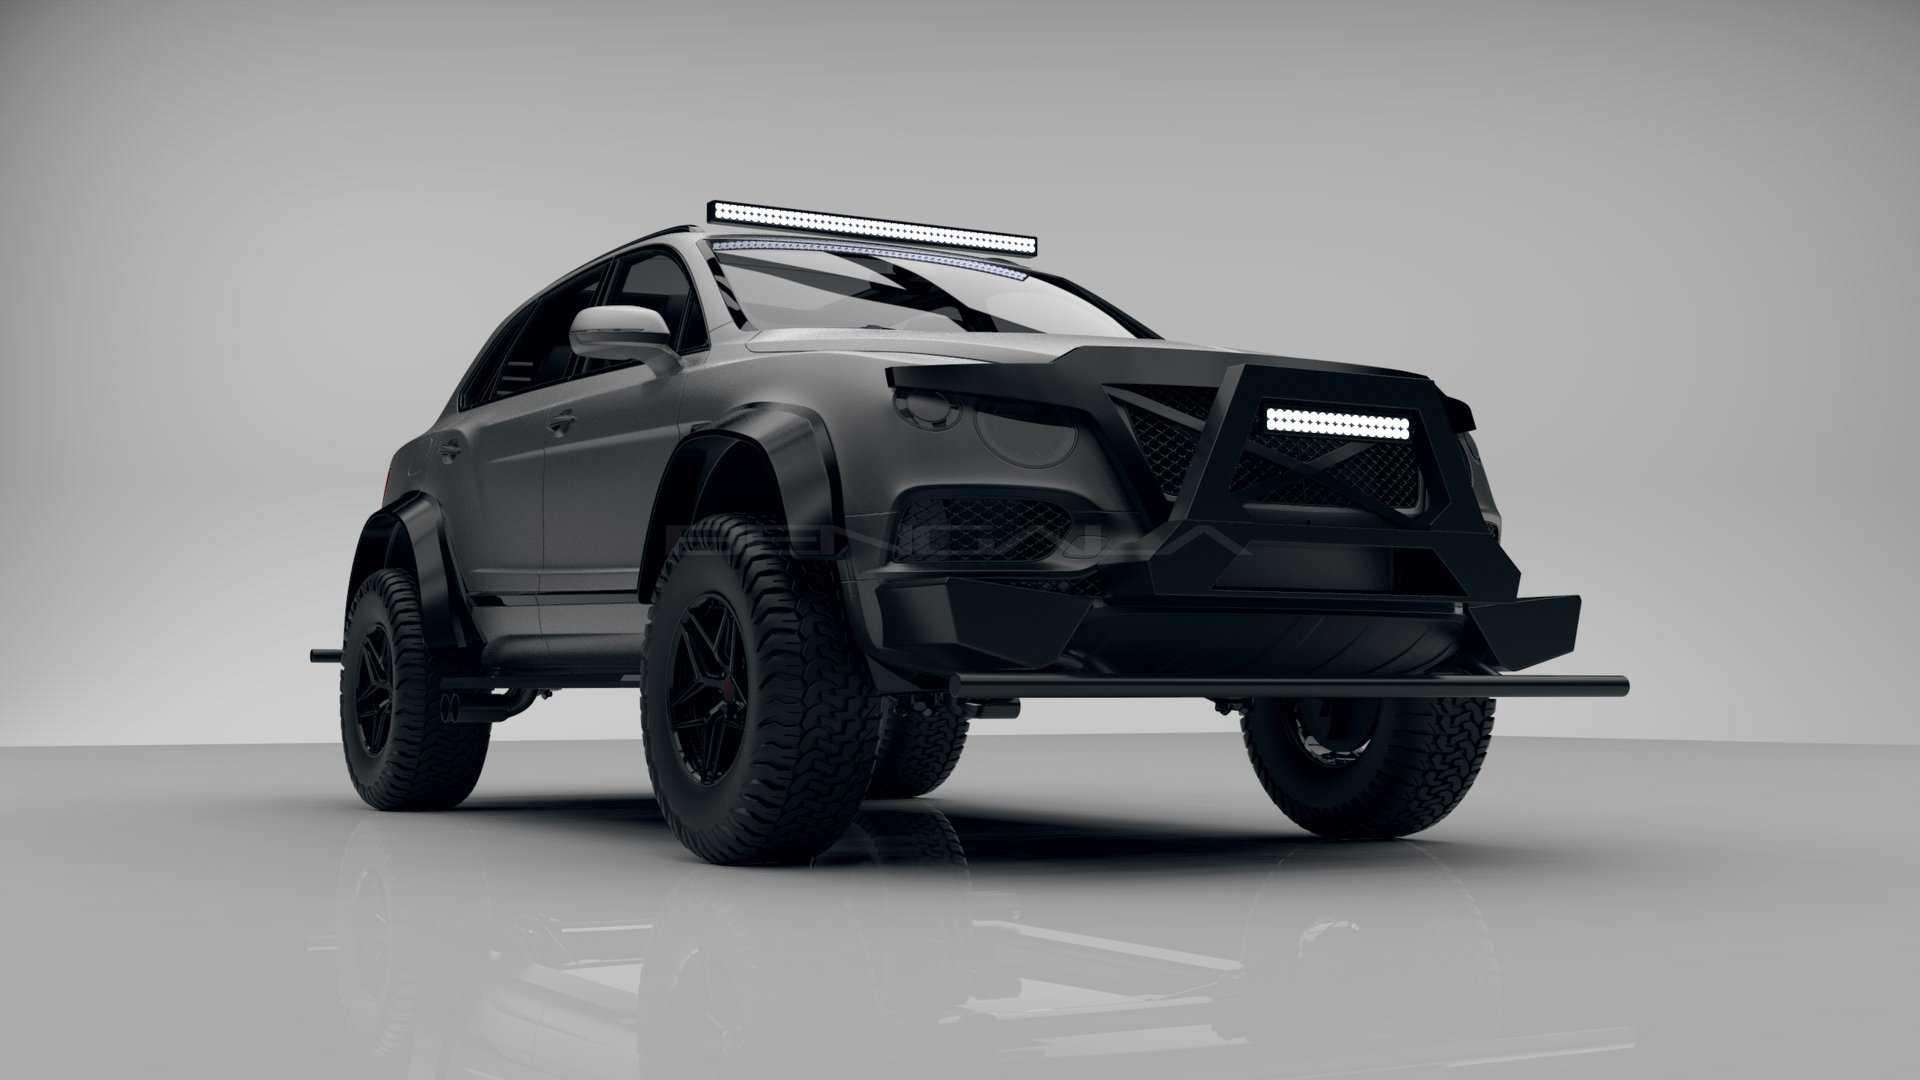 Испанская мастерская Bengala Automotive Design SL опубликовала тизеры кастомного внедорожника на базе Bentley Bentayga